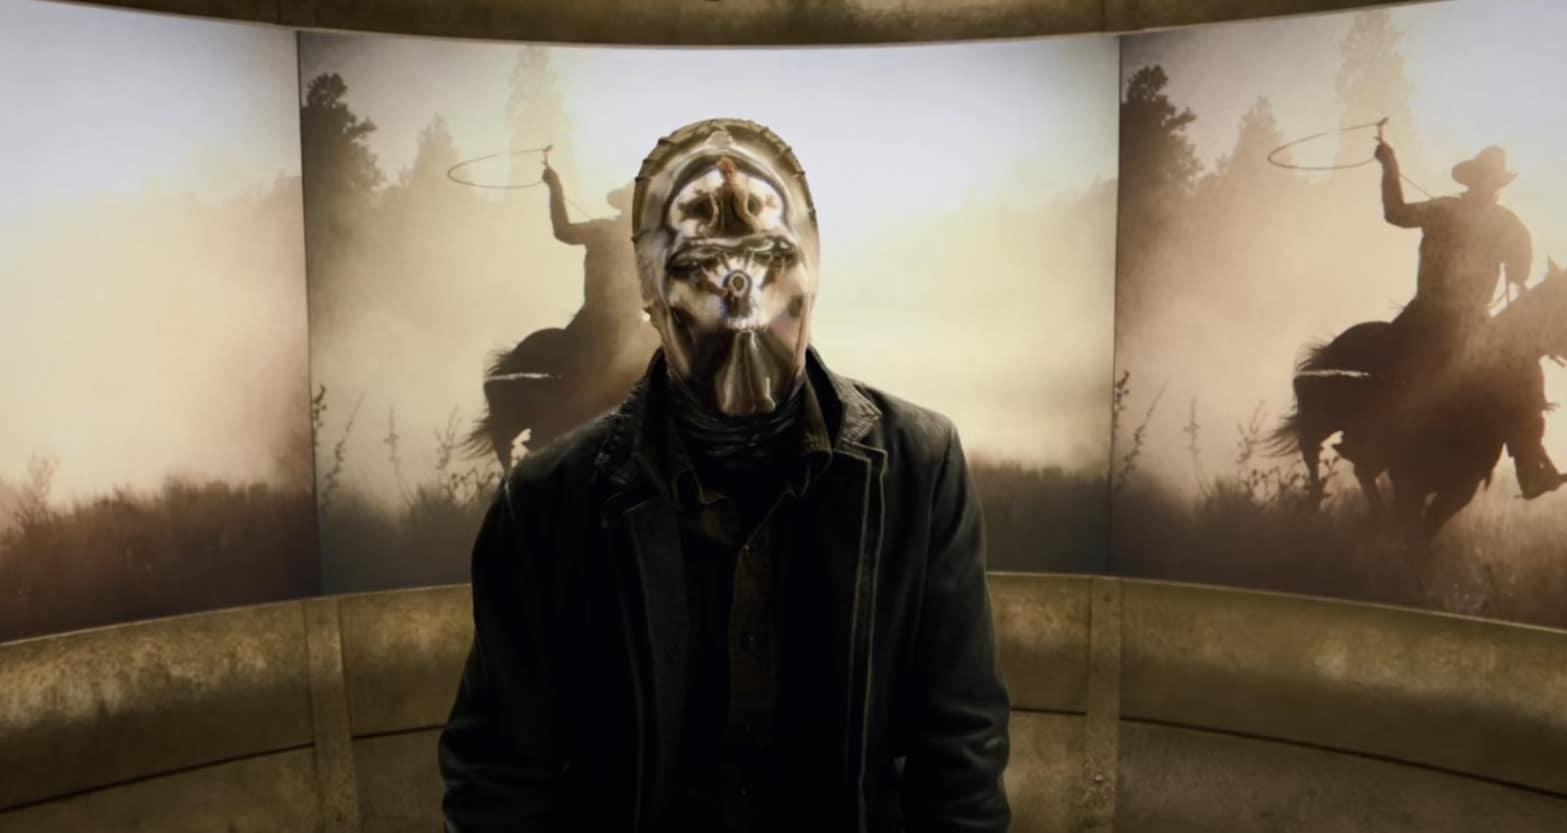 نقد و بررسی قسمت اول و دوم فصل اول سریال Watchmen